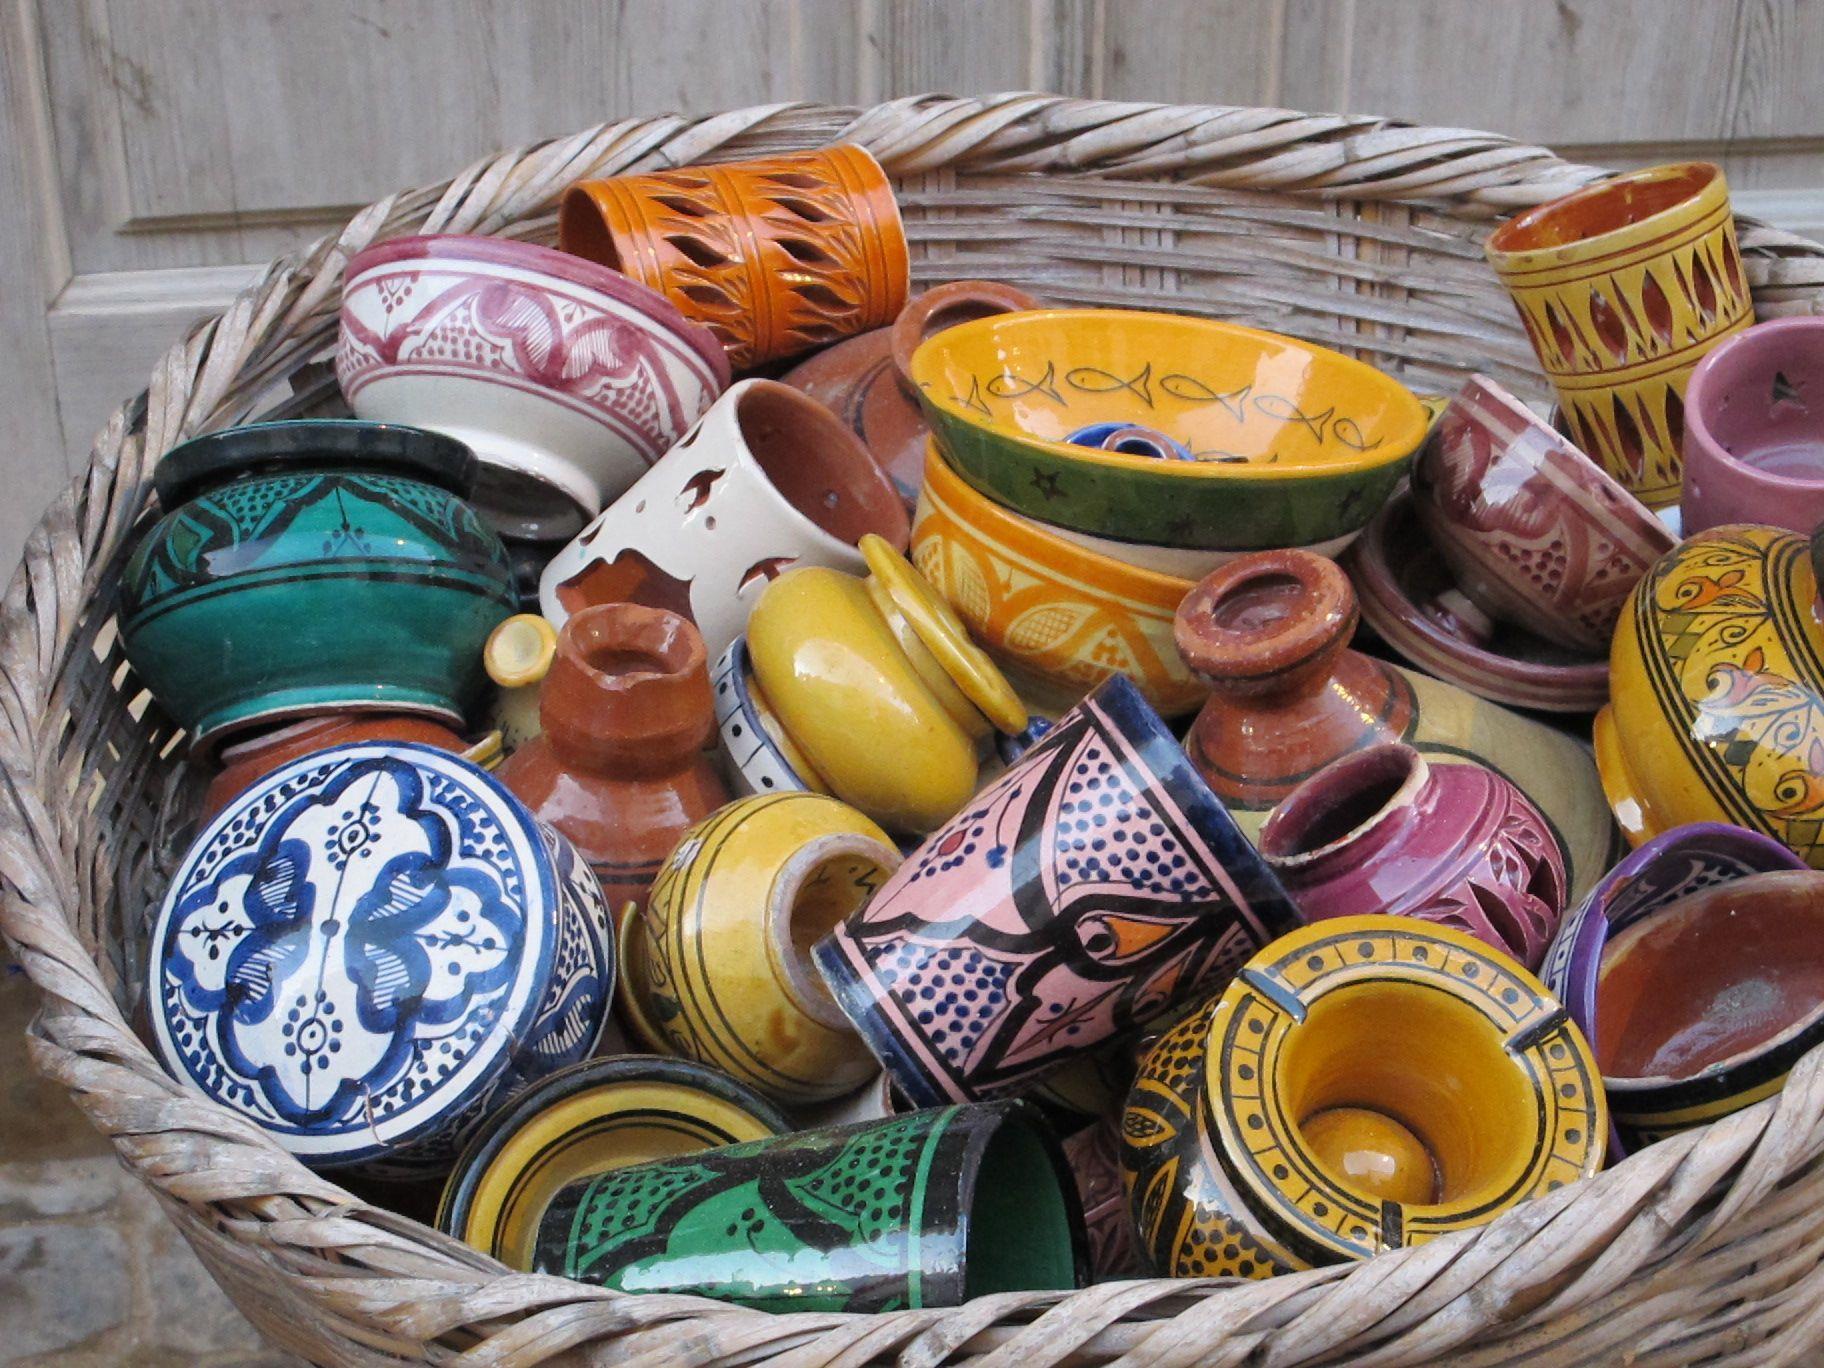 Керамическая посуда всевозможных расцветок